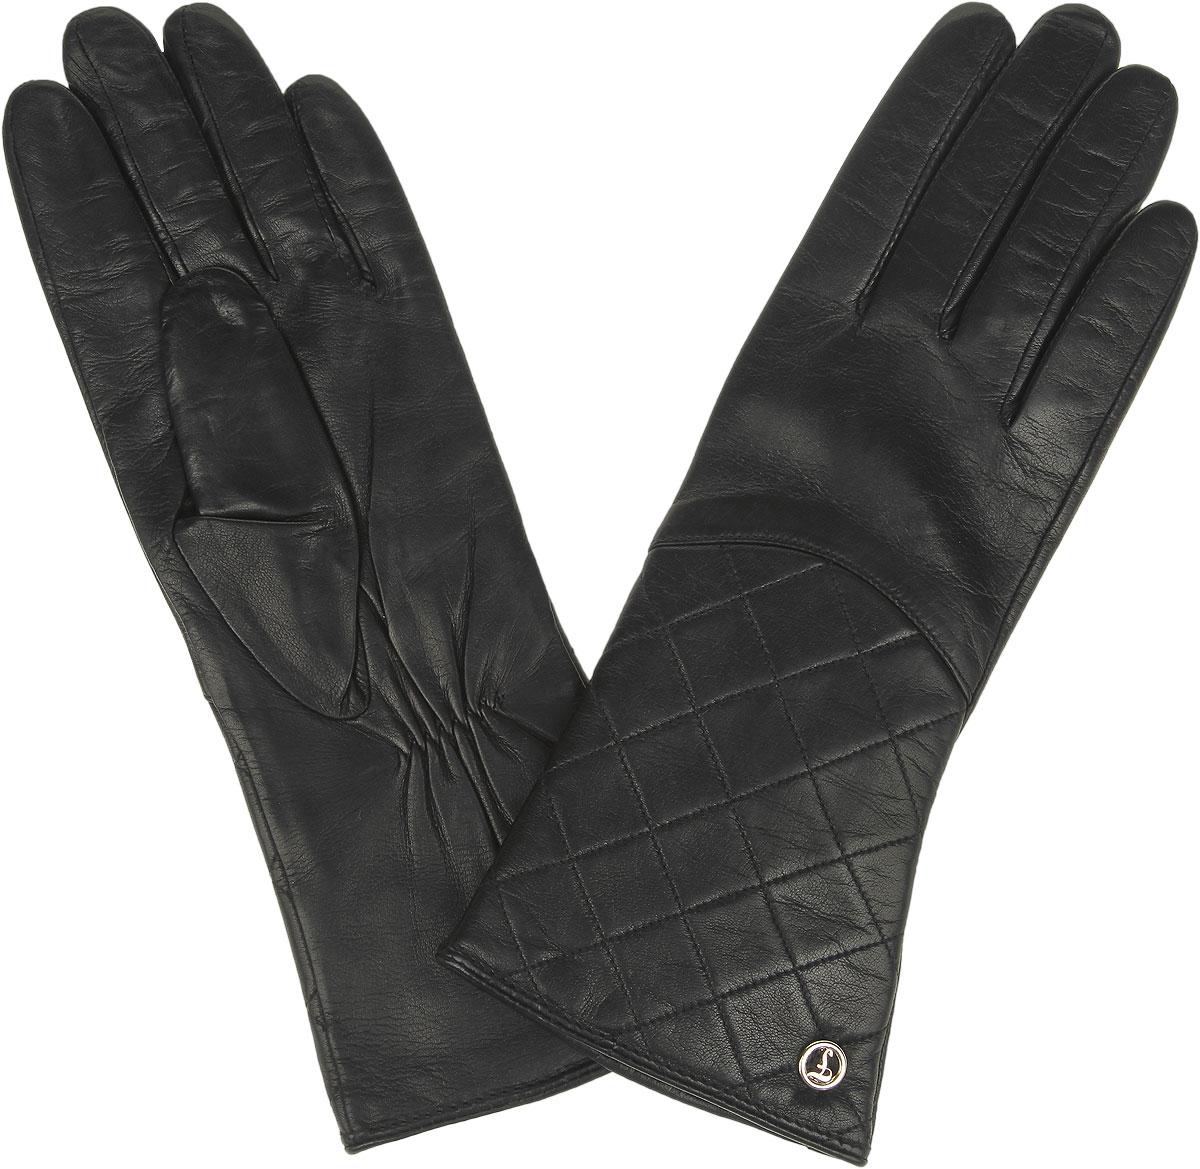 Перчатки женские. 9.16-19.16-1_blackСтильные женские перчатки Fabretti не только защитят ваши руки от холода, но и станут великолепным украшением. Перчатки выполнены из натуральной кожи с подкладкой из шерсти с добавлением кашемира. Лицевую сторону украшает декоративная ромбовидная отсрочка и фурнитура с фирменным логотипом. Запястье оснащено небольшой резинкой, фиксирующей модель на руке. Перчатки Fabretti станут завершающим и подчеркивающим элементом вашего стиля.